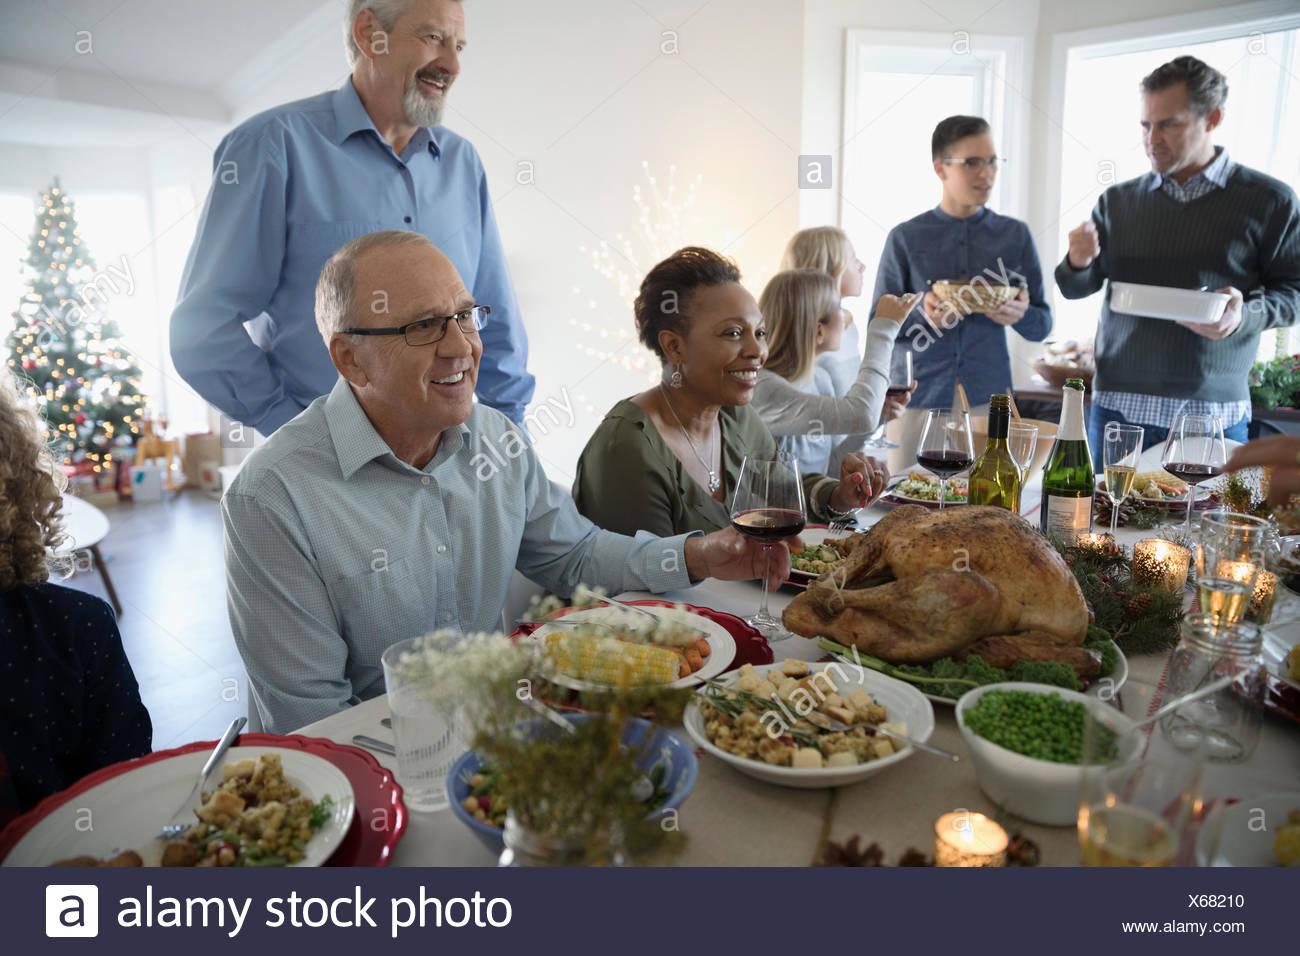 Familia disfrutando de Turquía en la mesa de cena de Navidad Imagen De Stock